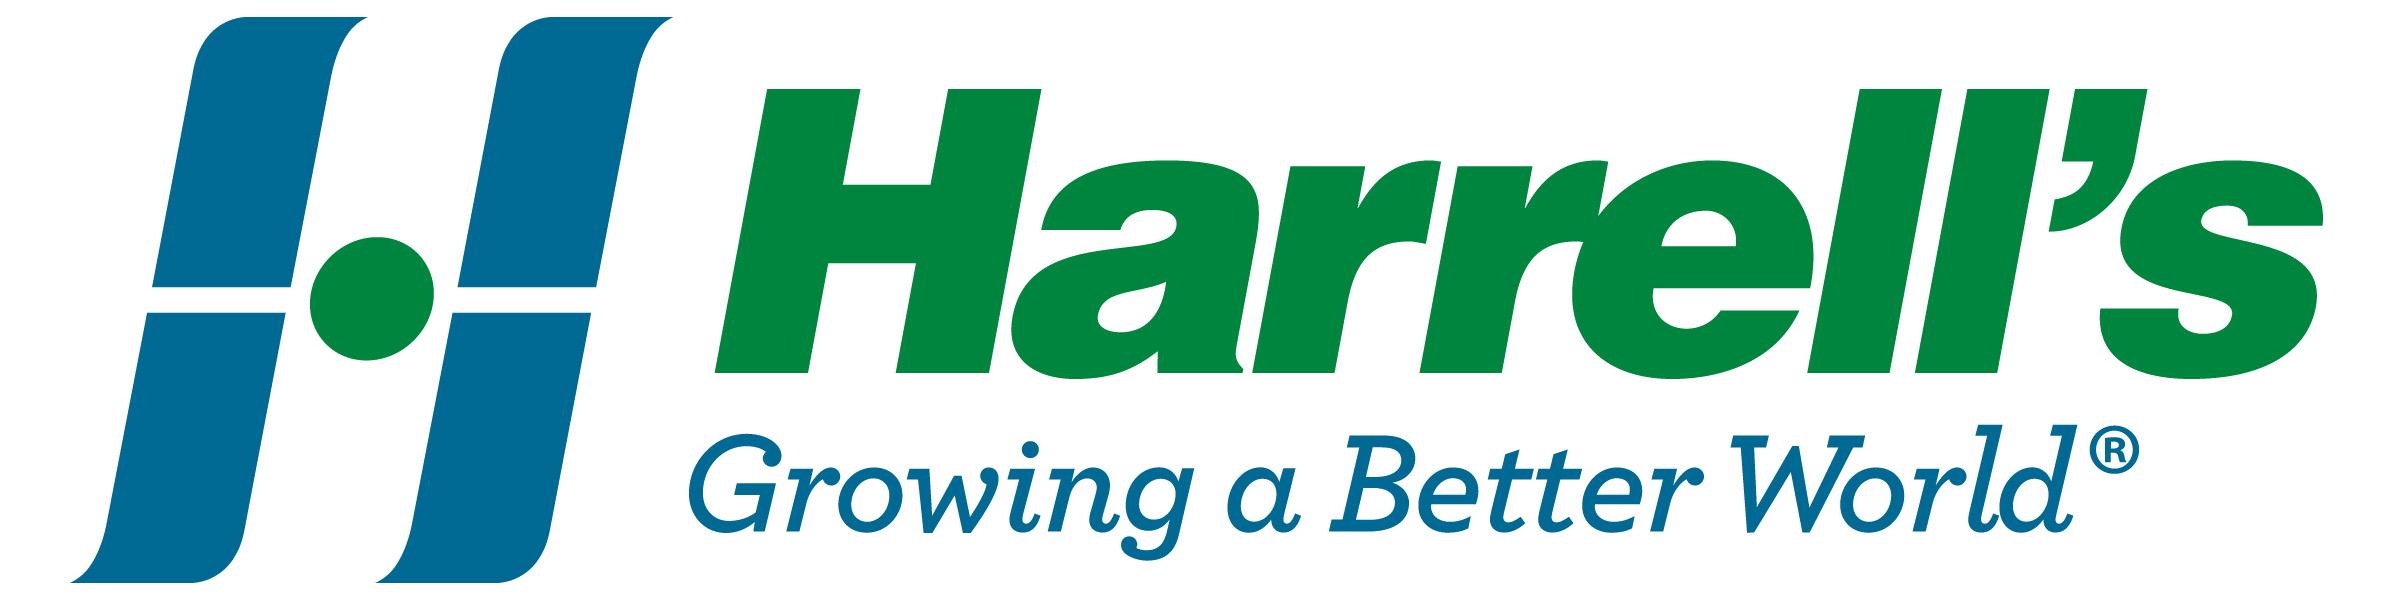 https://www.harrells.com/